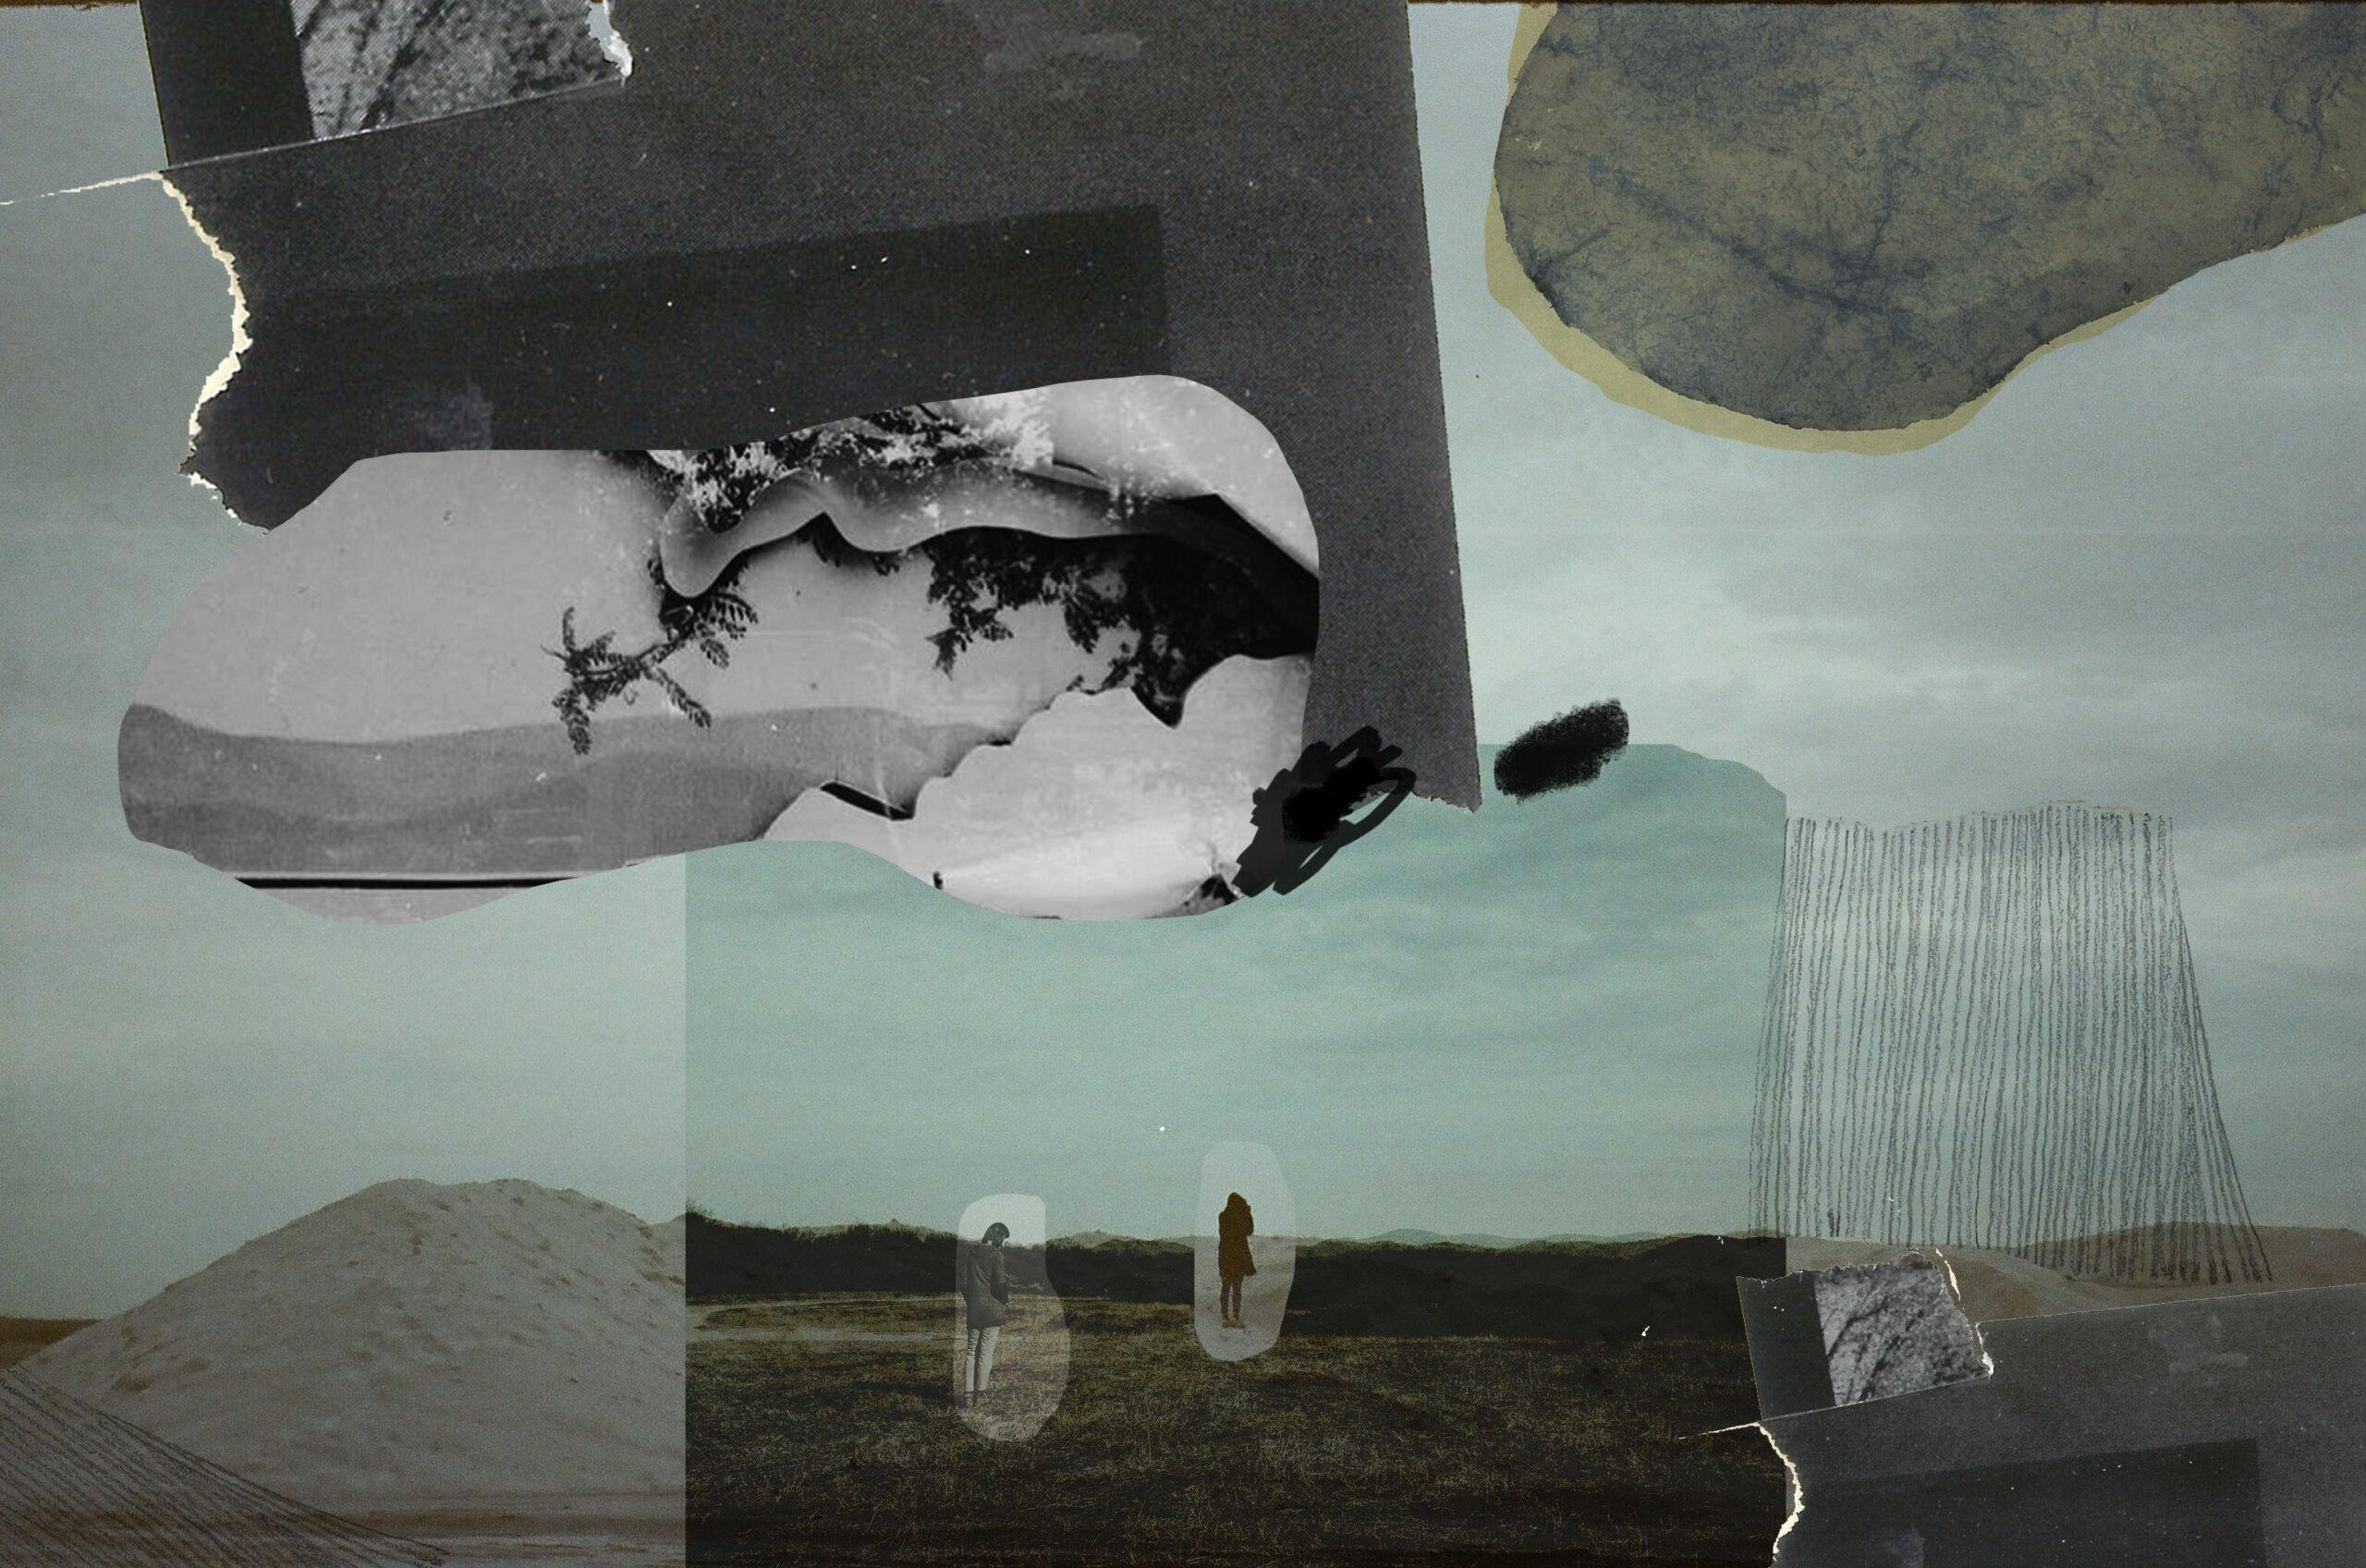 WE HAVE FOUND CLOUDS AND HILLS - Együttműködés Sofia Del Pedregal képzőművésszel